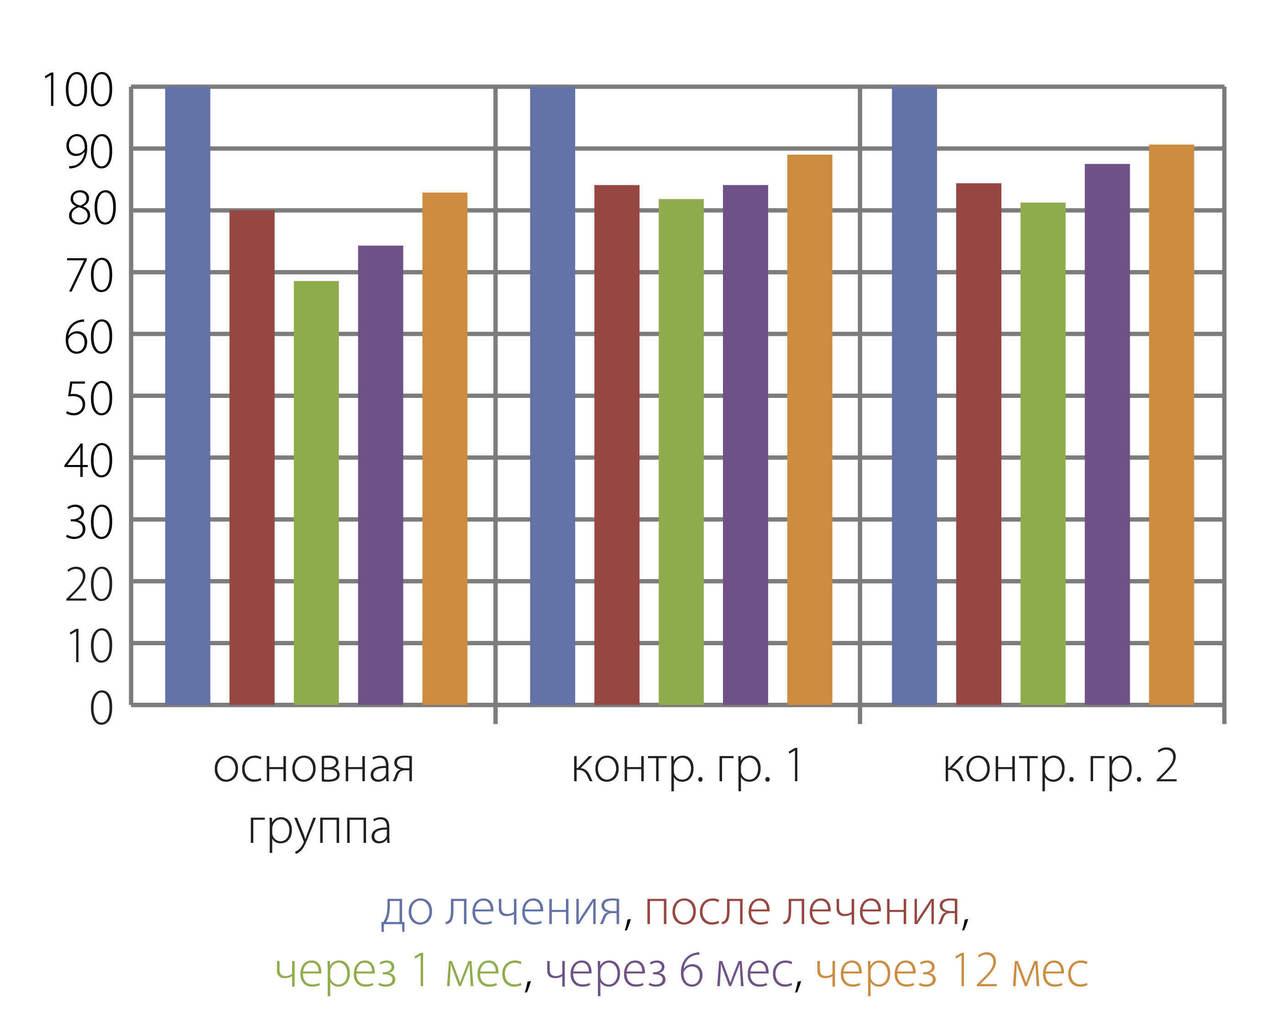 Рис. 4. Сравнительная оценка показателей электропроводности твердых тканей зубов у пациентов основной и контрольных групп.